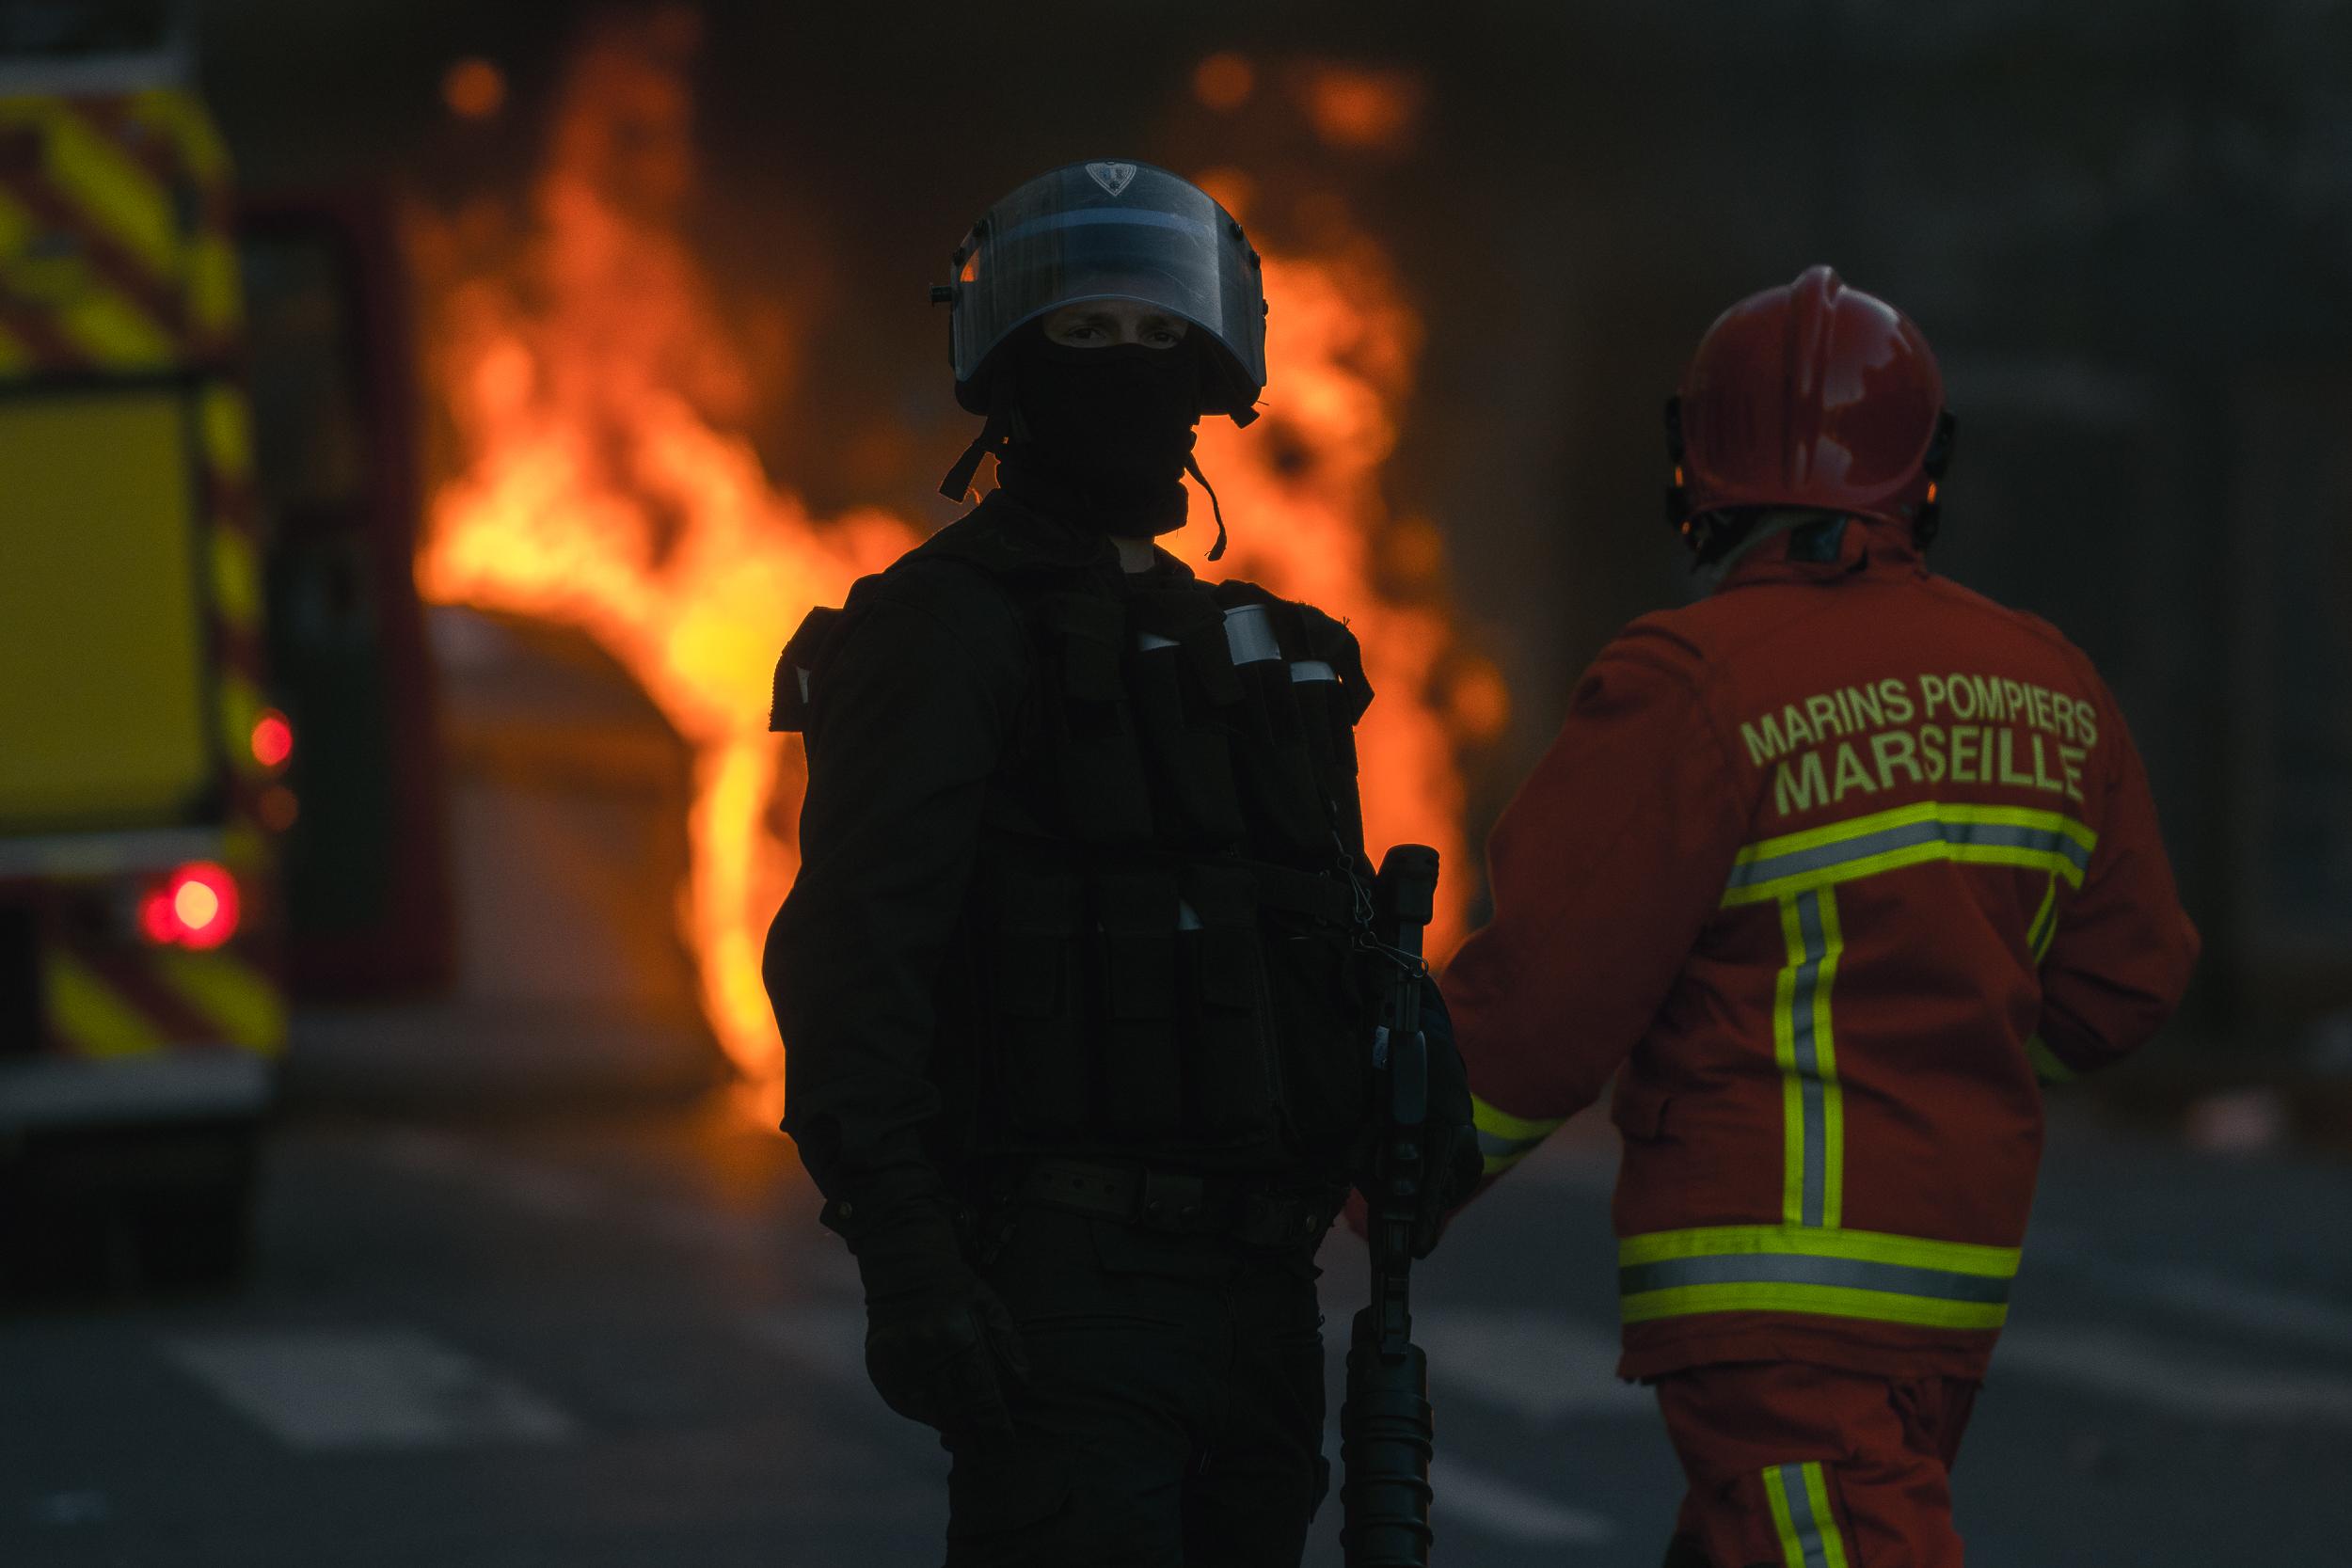 Toujours la même chose : les casseurs prennent les bouteilles dans les poubelles de tri pour les jetter sur les forces de l'ordre. Ensuite, ils brûlent la poubelle conteannt les cartons ; puis les gendarmes chargent. Ils sécurisent les lieux, les pompiers interviennent. Certains en sont déjà las.